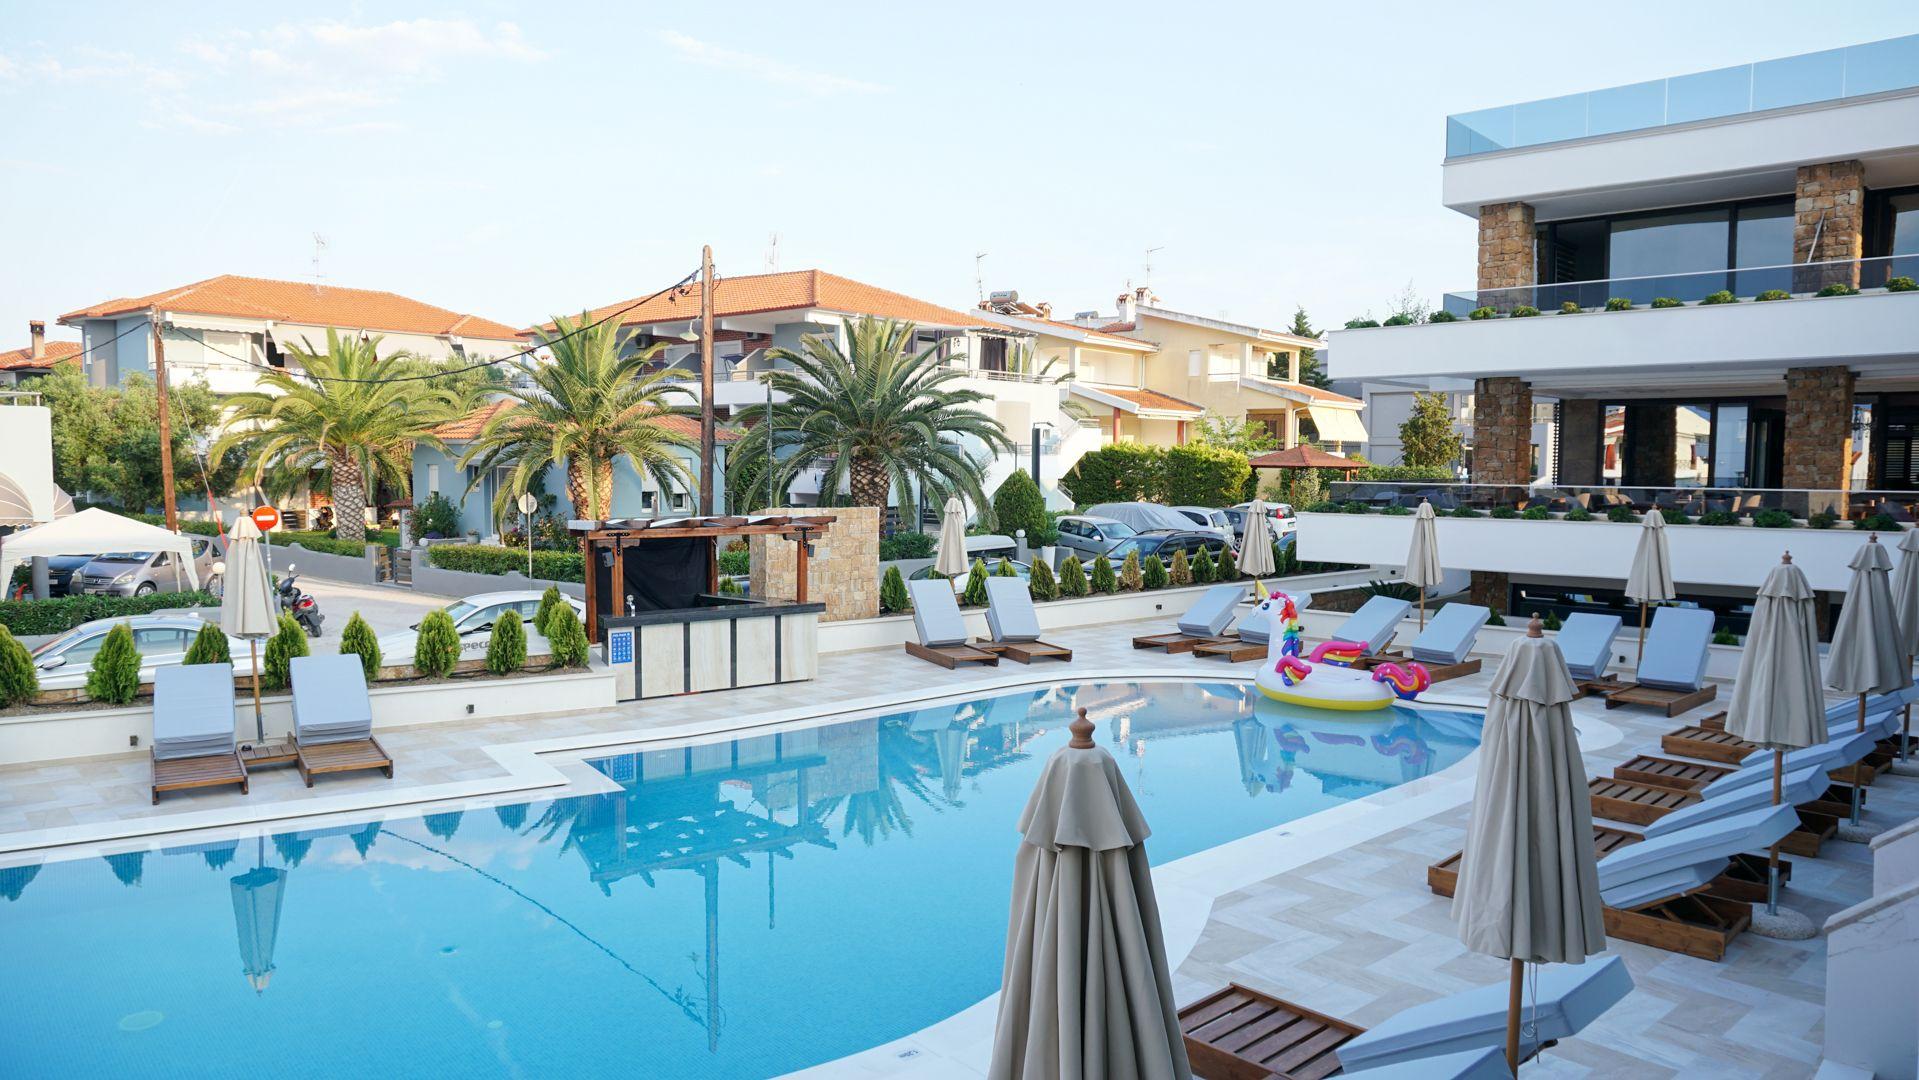 Agnes Deluxe Hotel - Κασσάνδρα, Χαλκιδική εικόνα